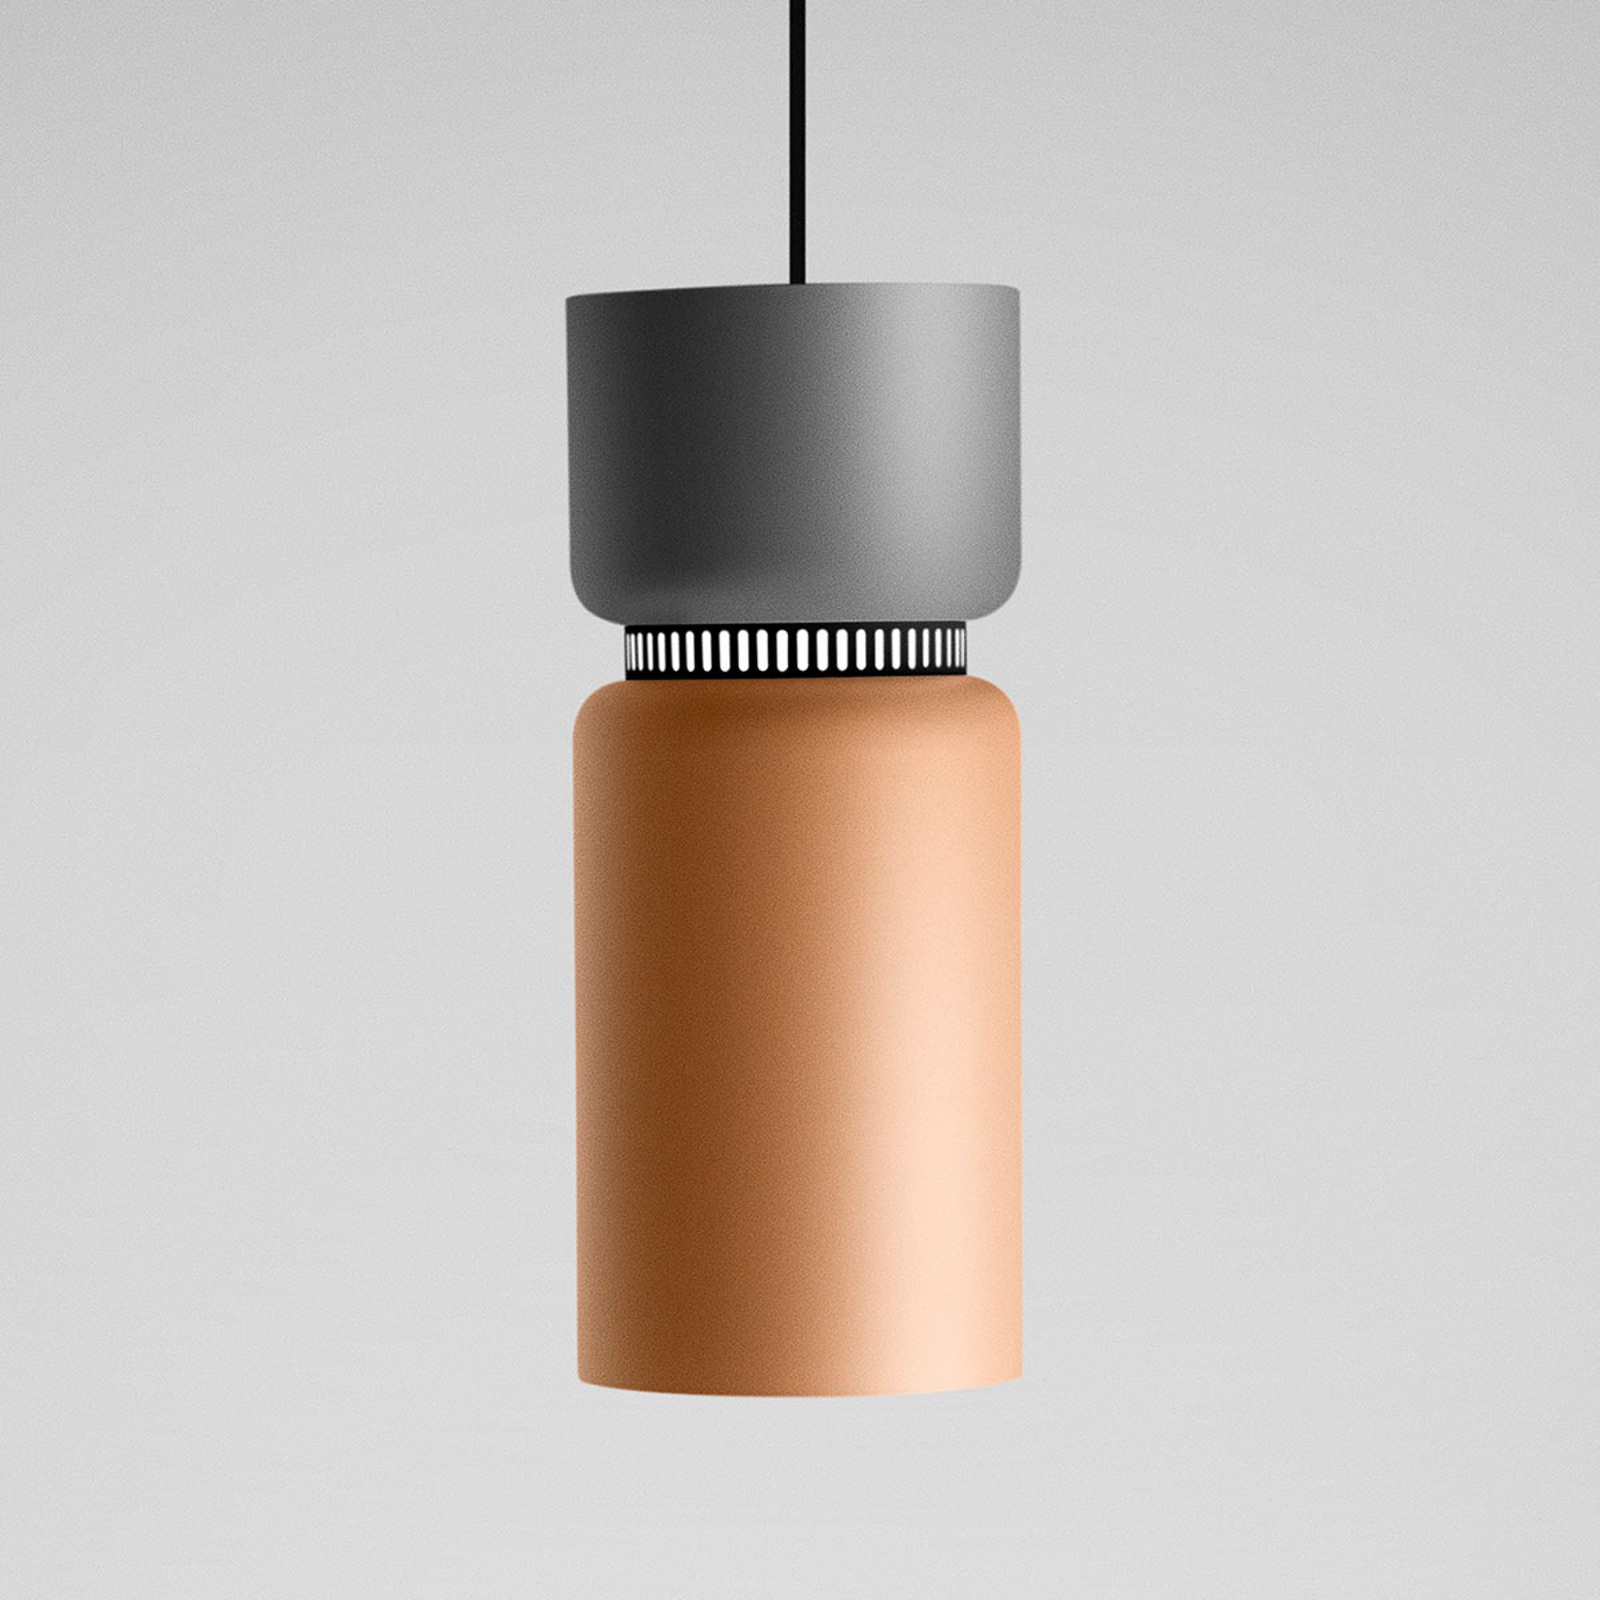 Suspension LED Aspen gris-mangue 17 cm